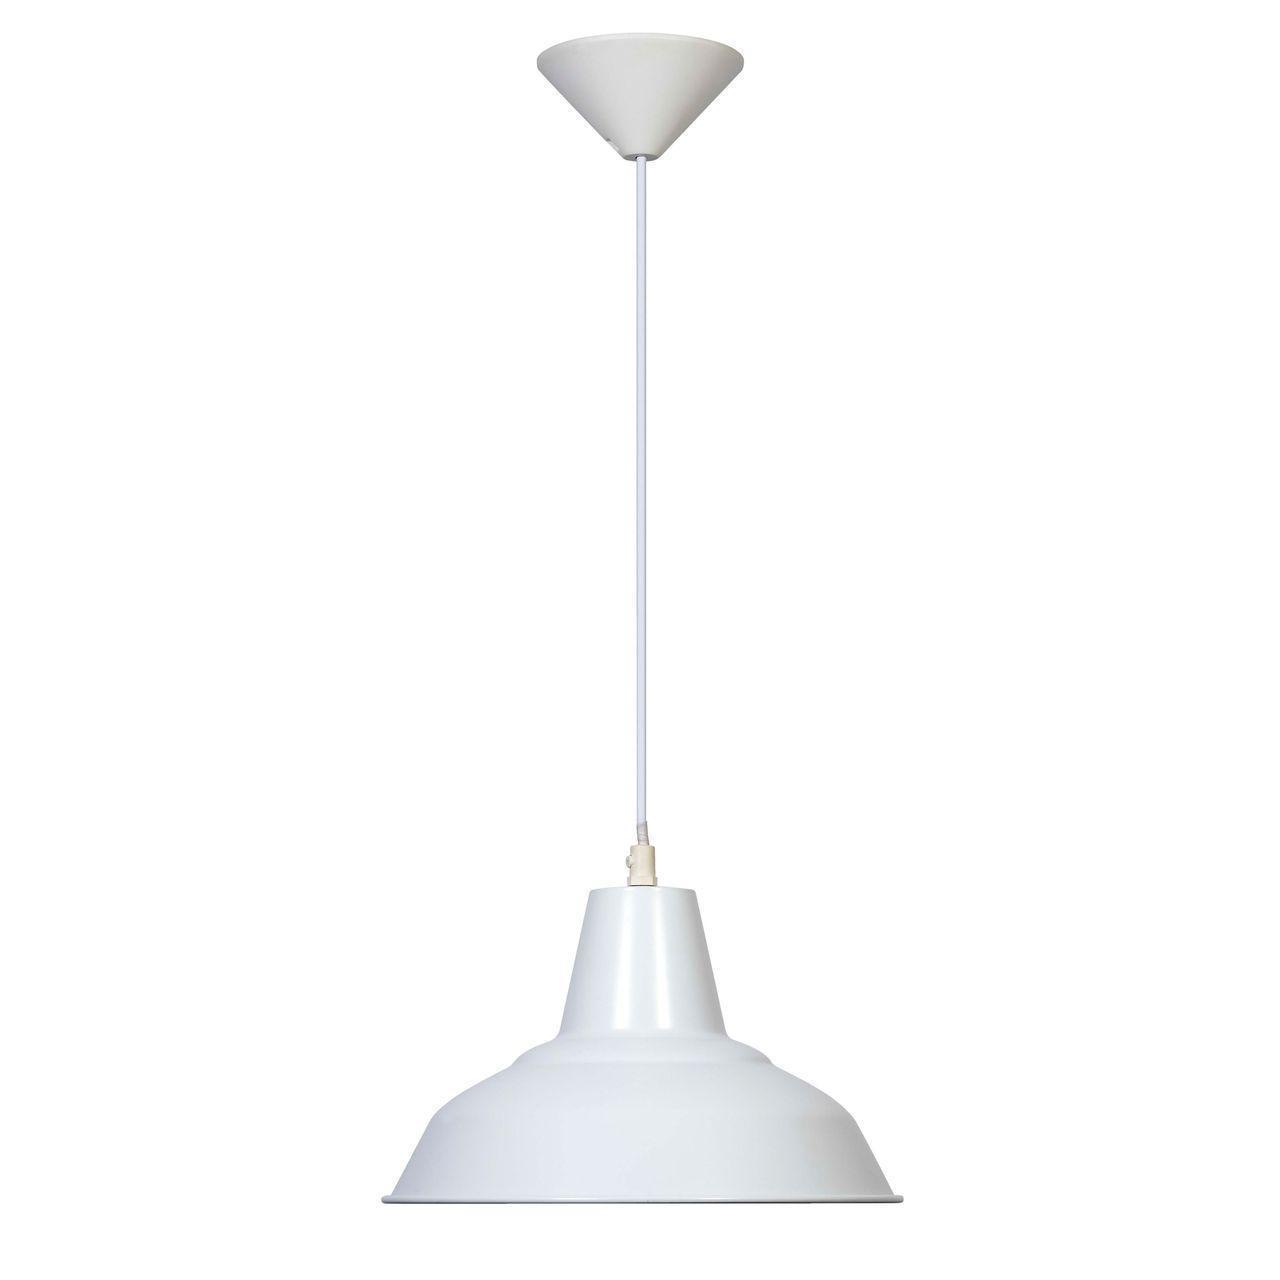 Подвесной светильник Spot Light Meg 1127102 подвесной светильник spot light meg 1107132